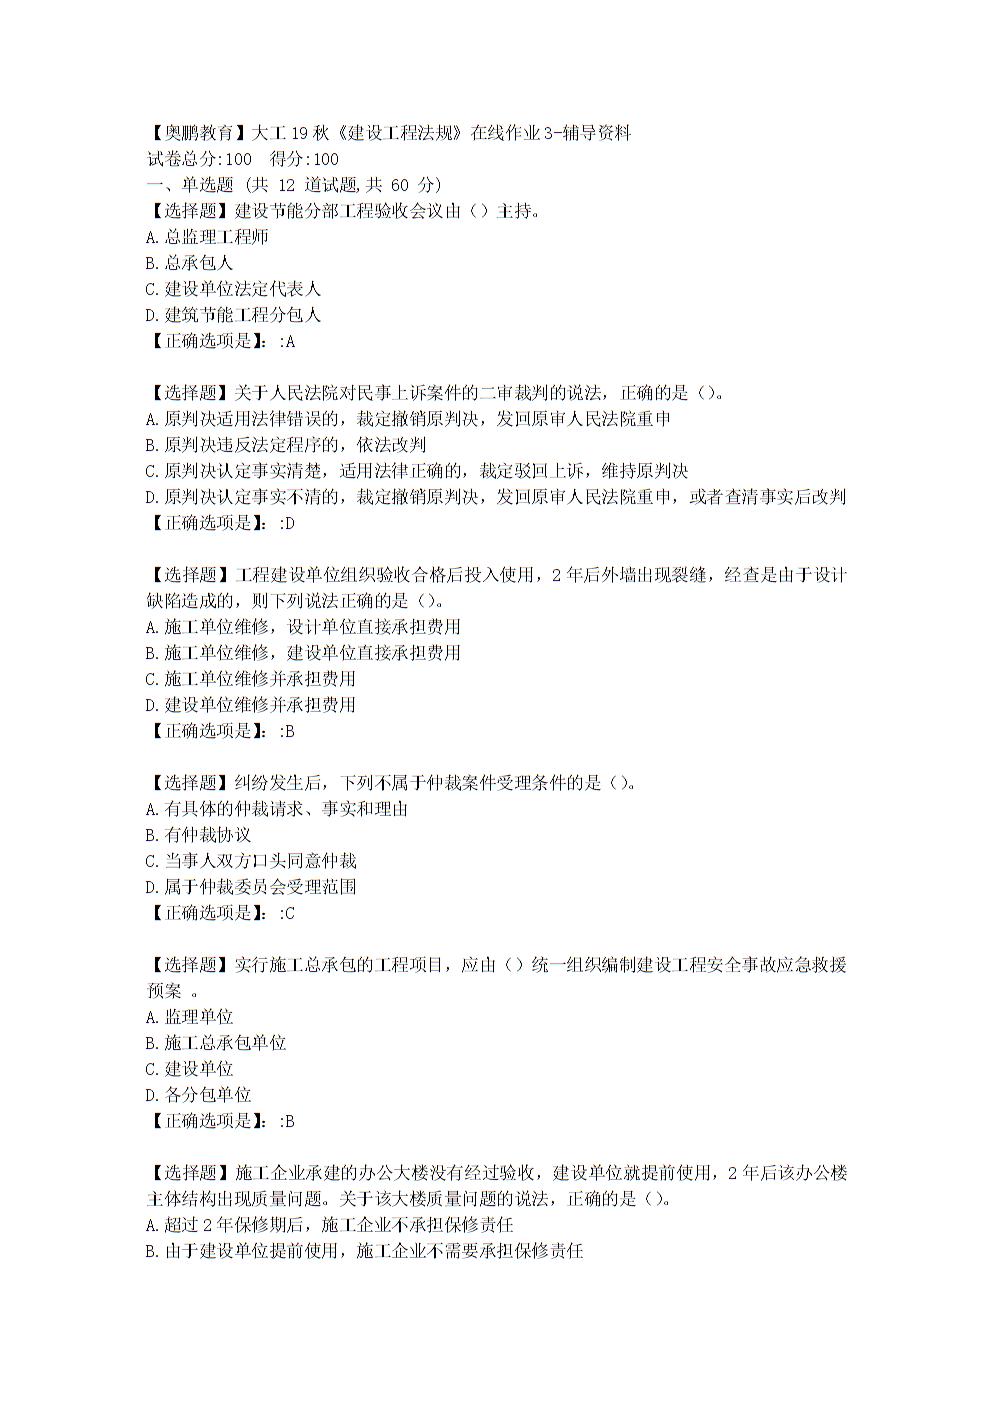 大连理工大学19秋《建设工程法规》在线作业3学习资料.doc